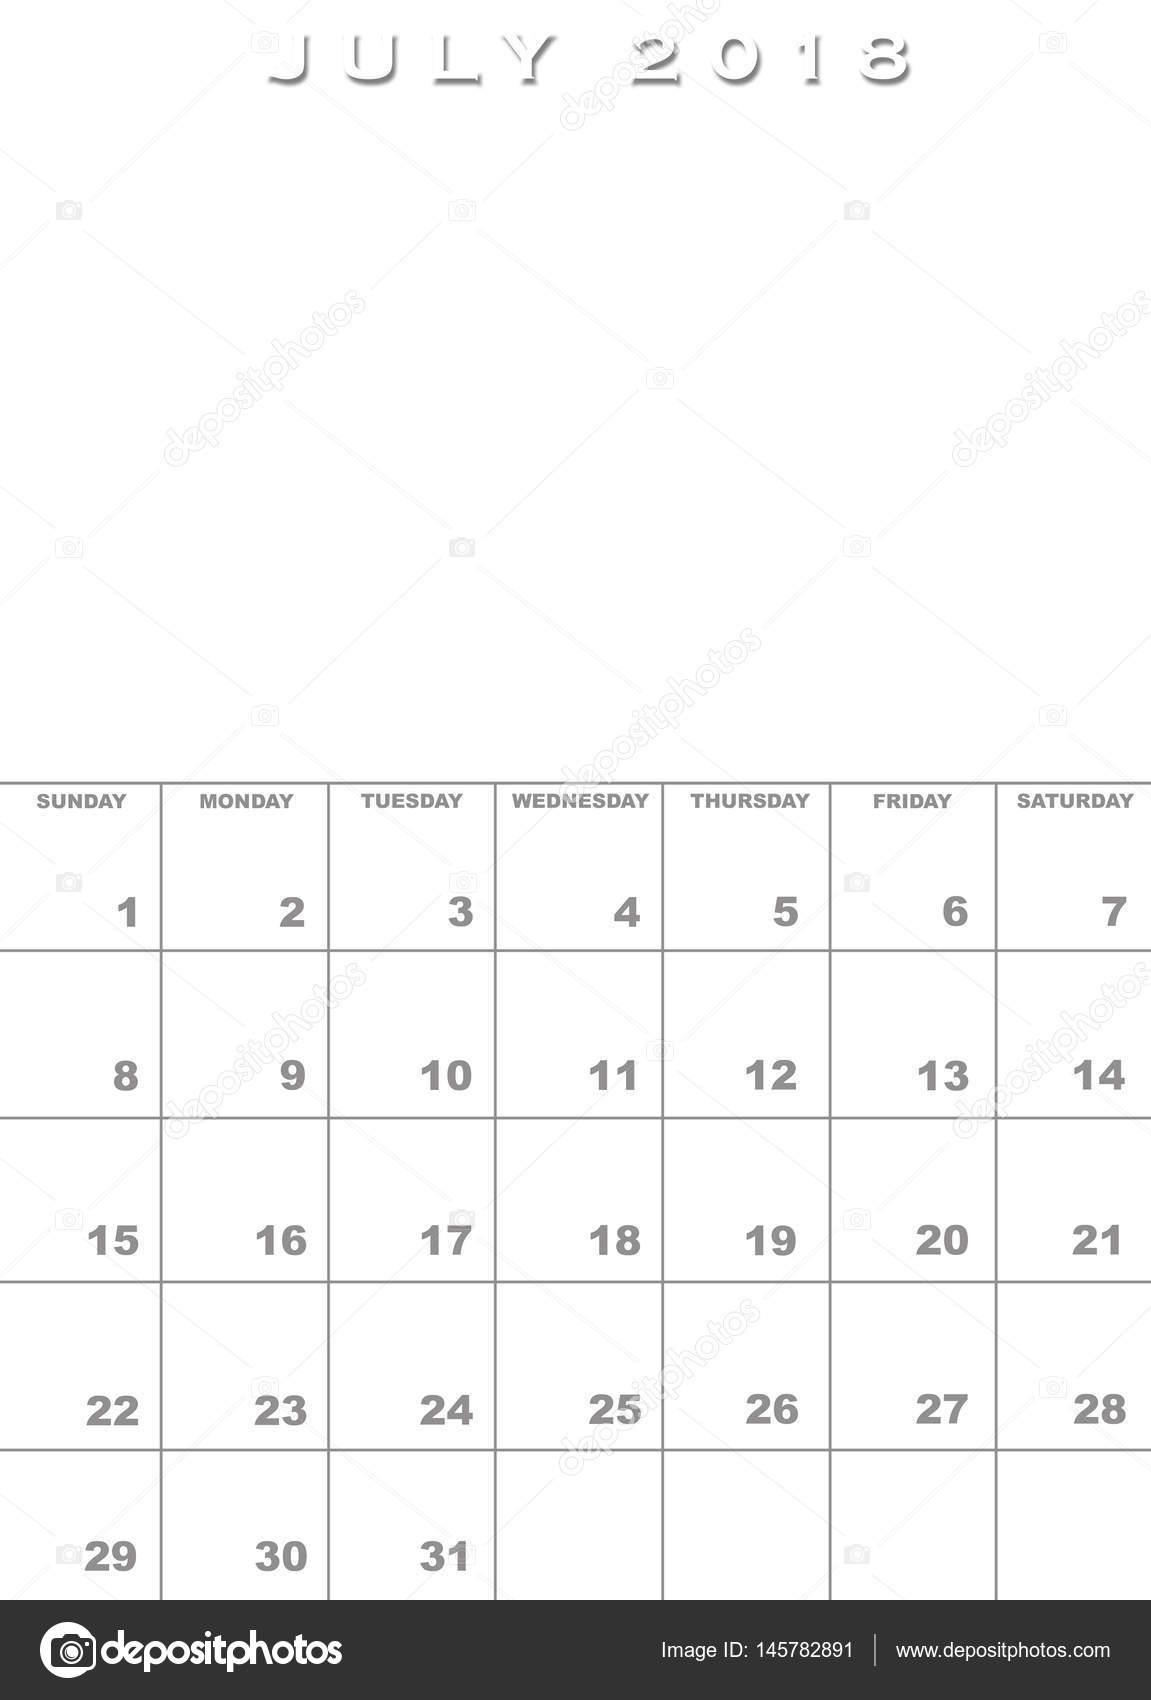 2019 július havi naptár Július 2018 Naptár sablon — Stock Fotó © paulvinten #145782891 2019 július havi naptár